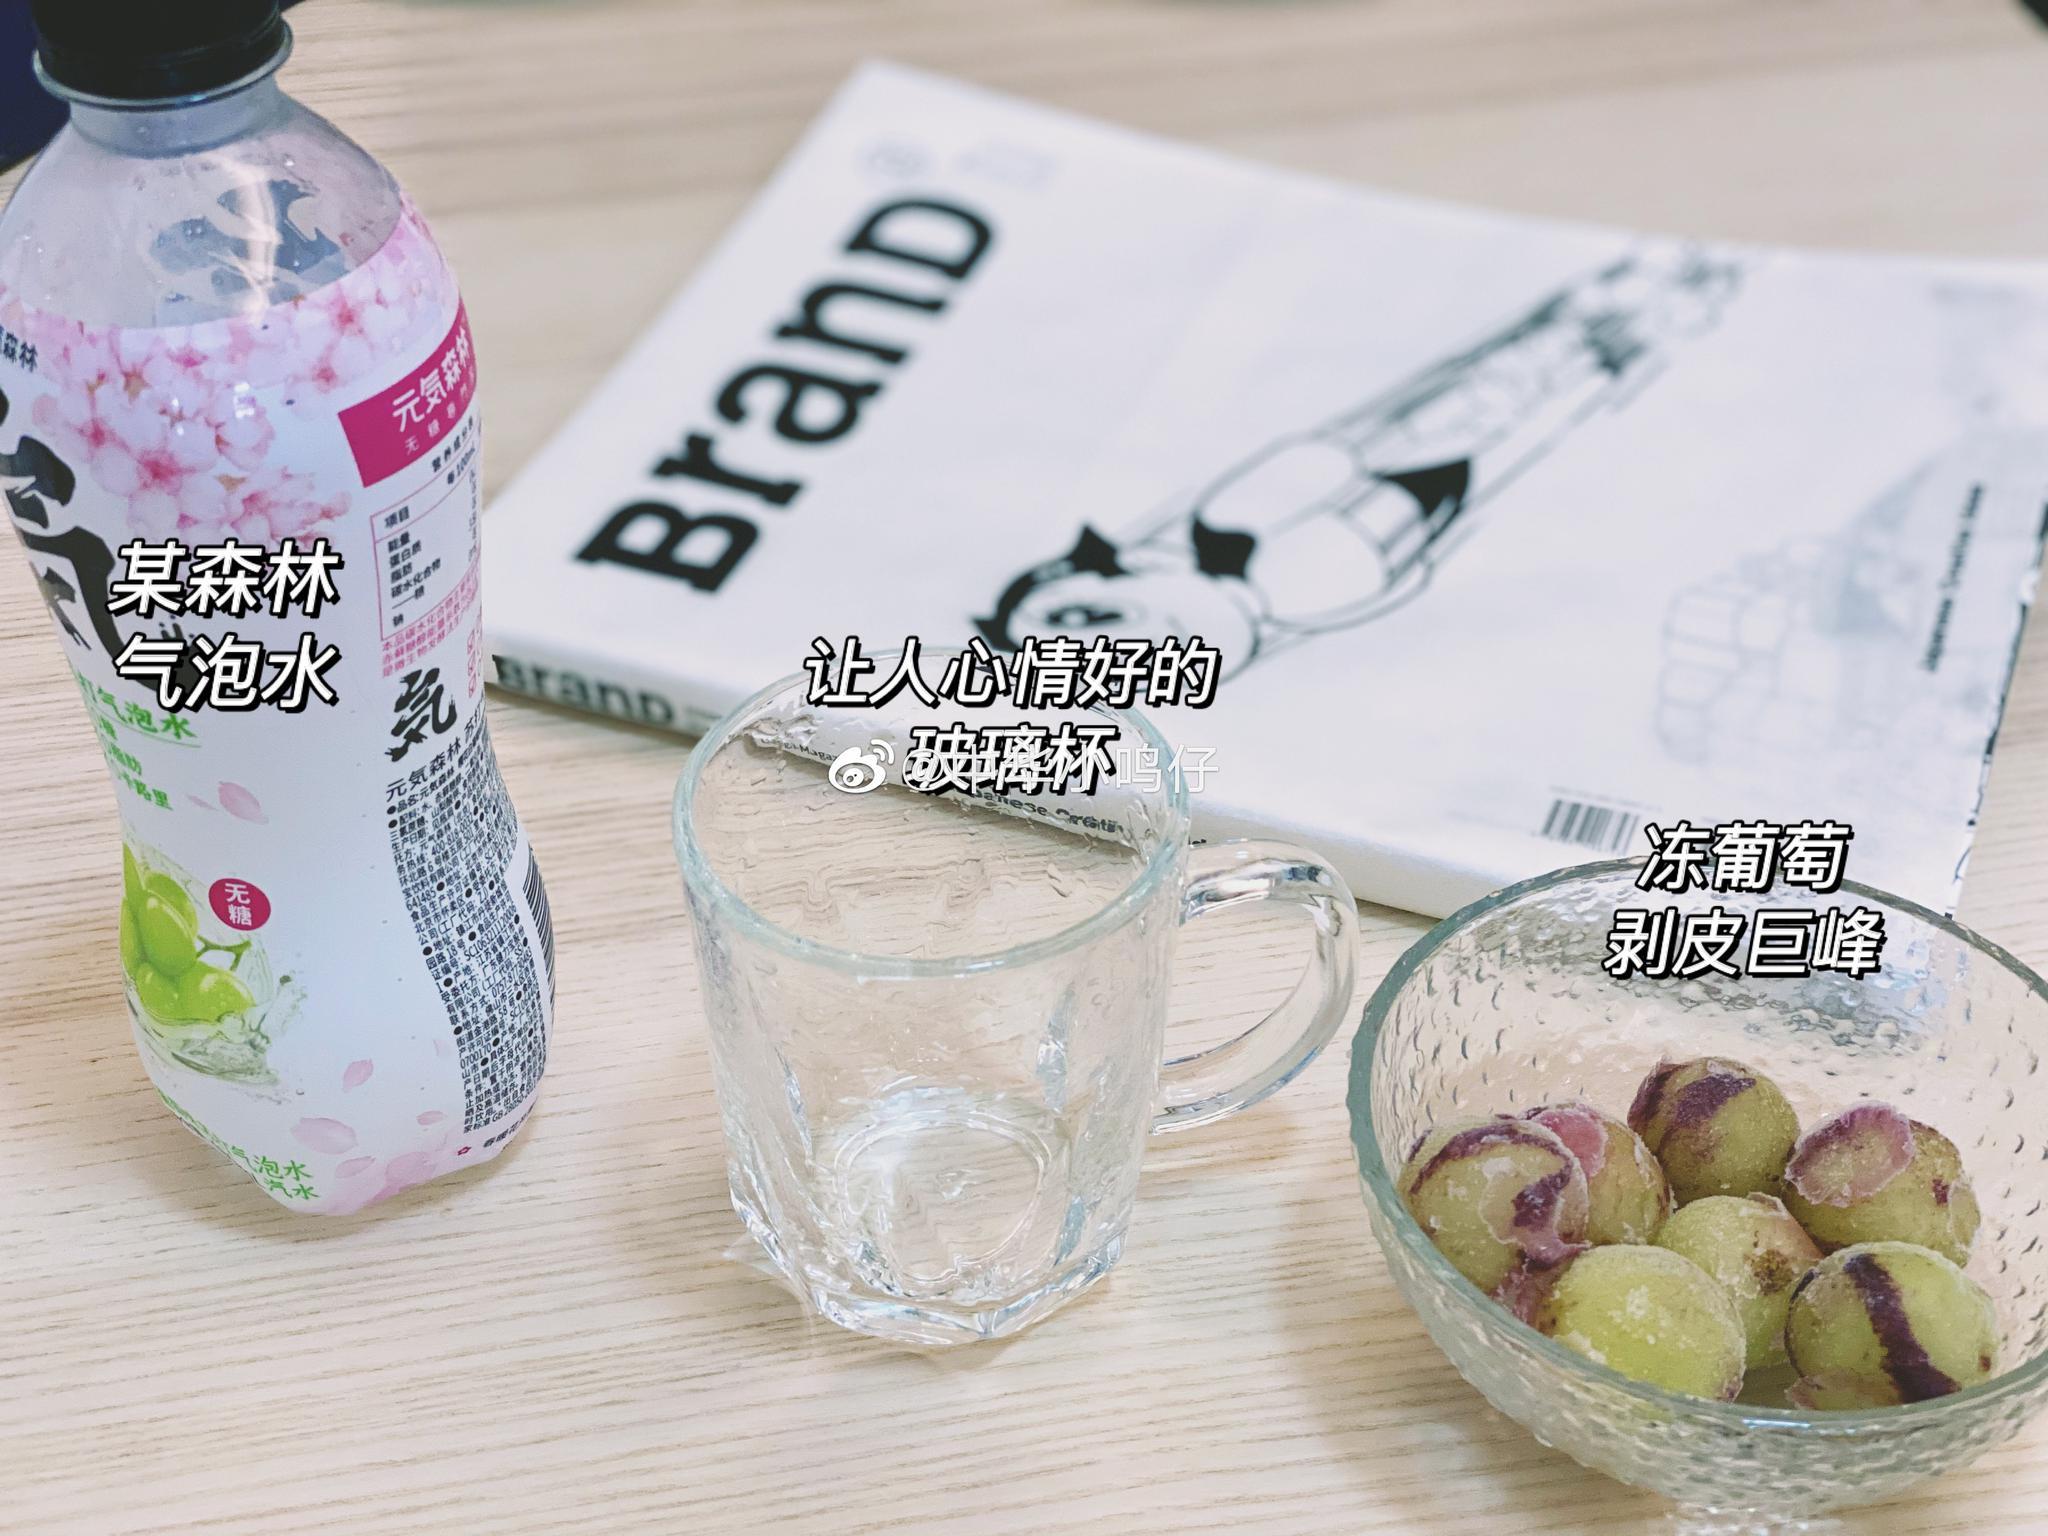 <b>快三彩票官网:明仔自制泡泡连续冰冻葡萄饮料获得!我发现了!</b>